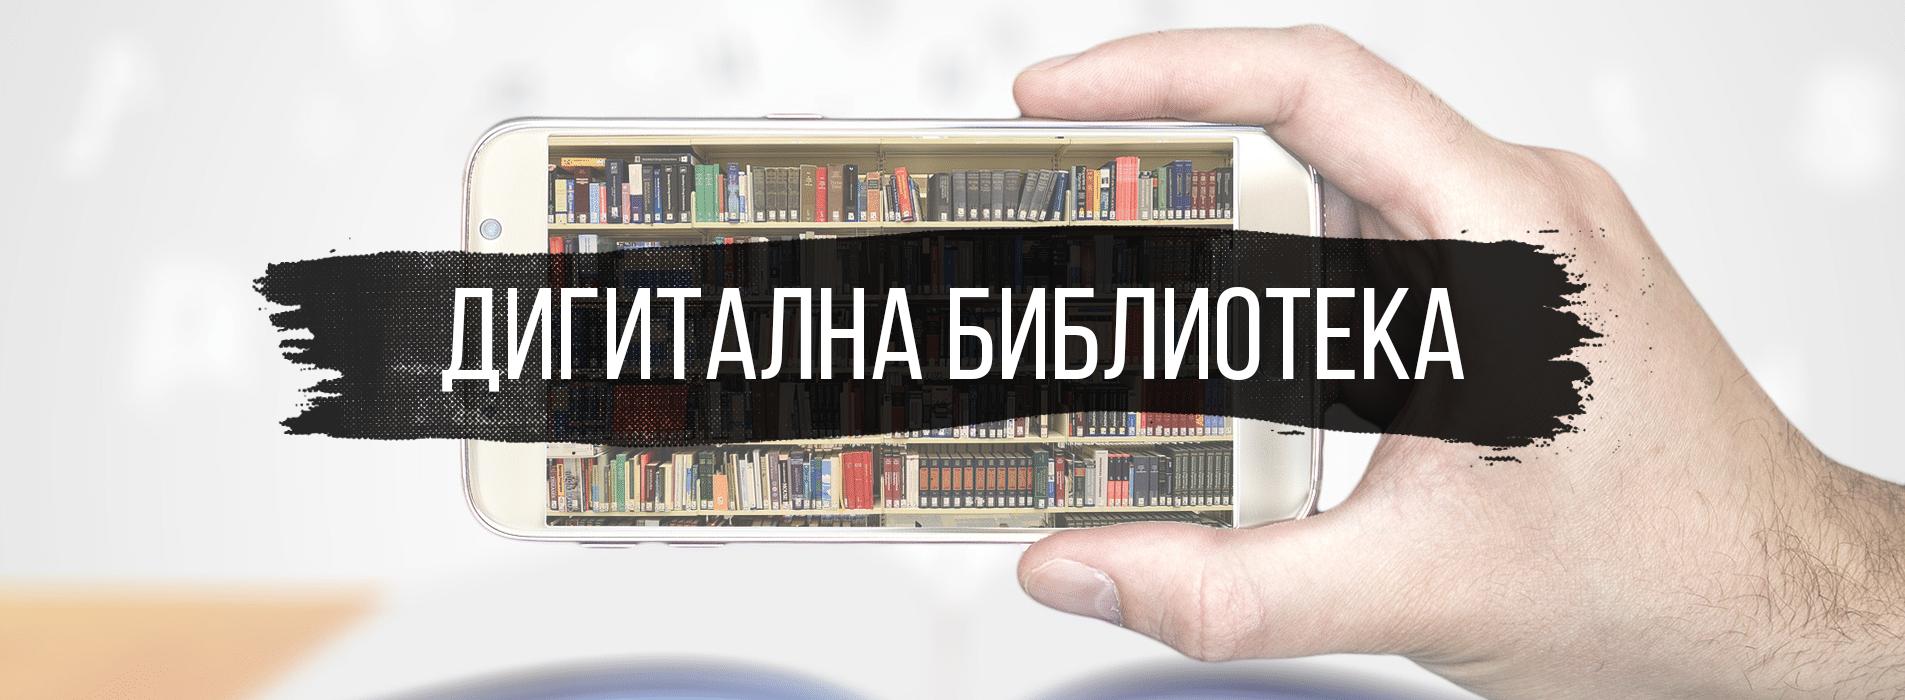 дигитална библиотека